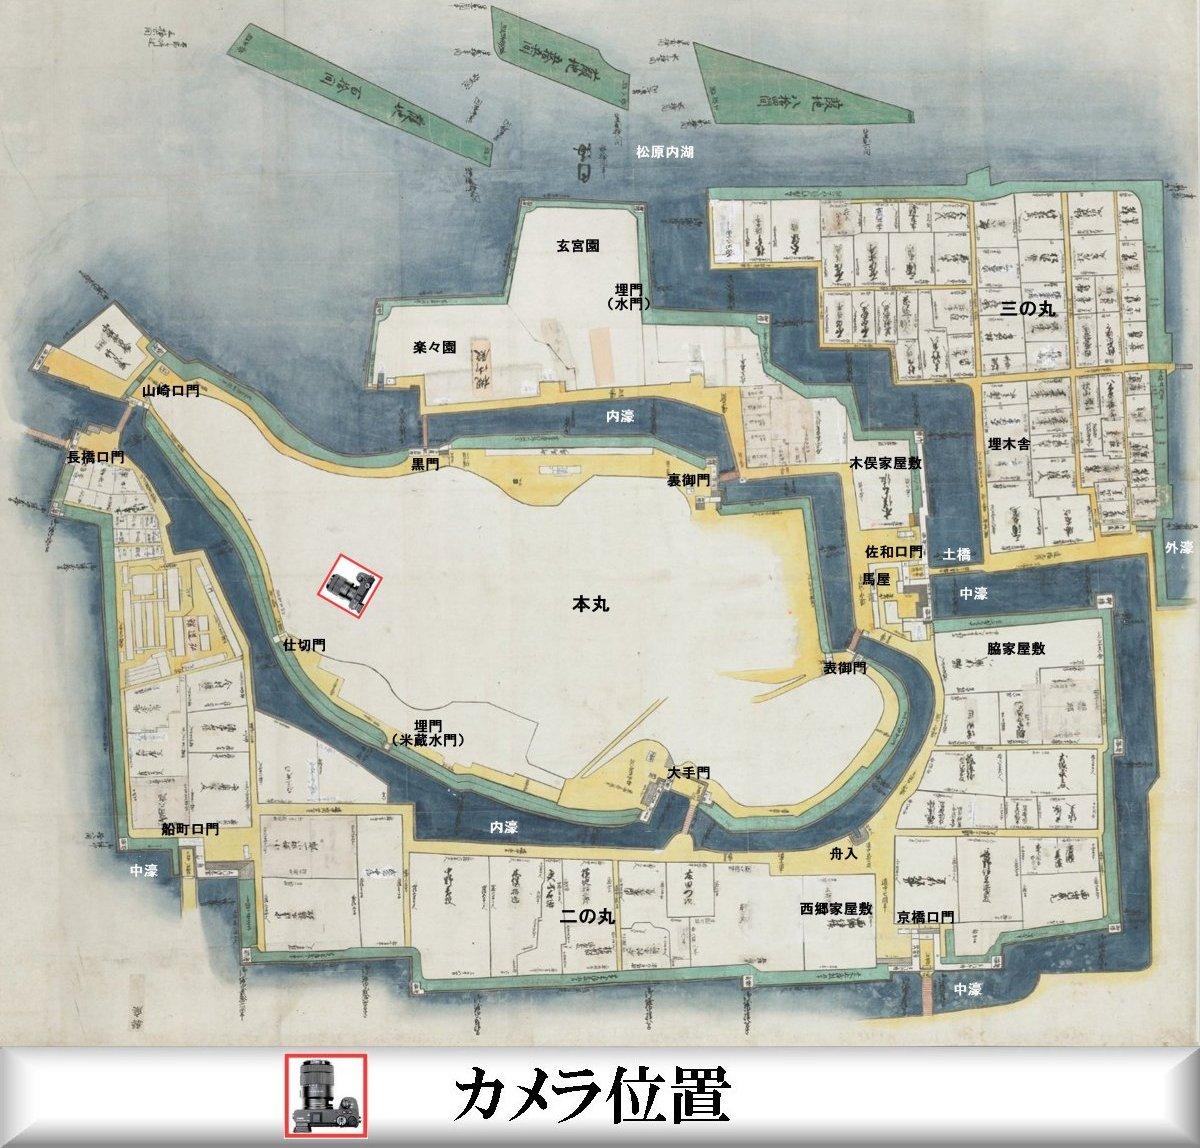 f:id:san-nin-syu:20210722183744j:plain